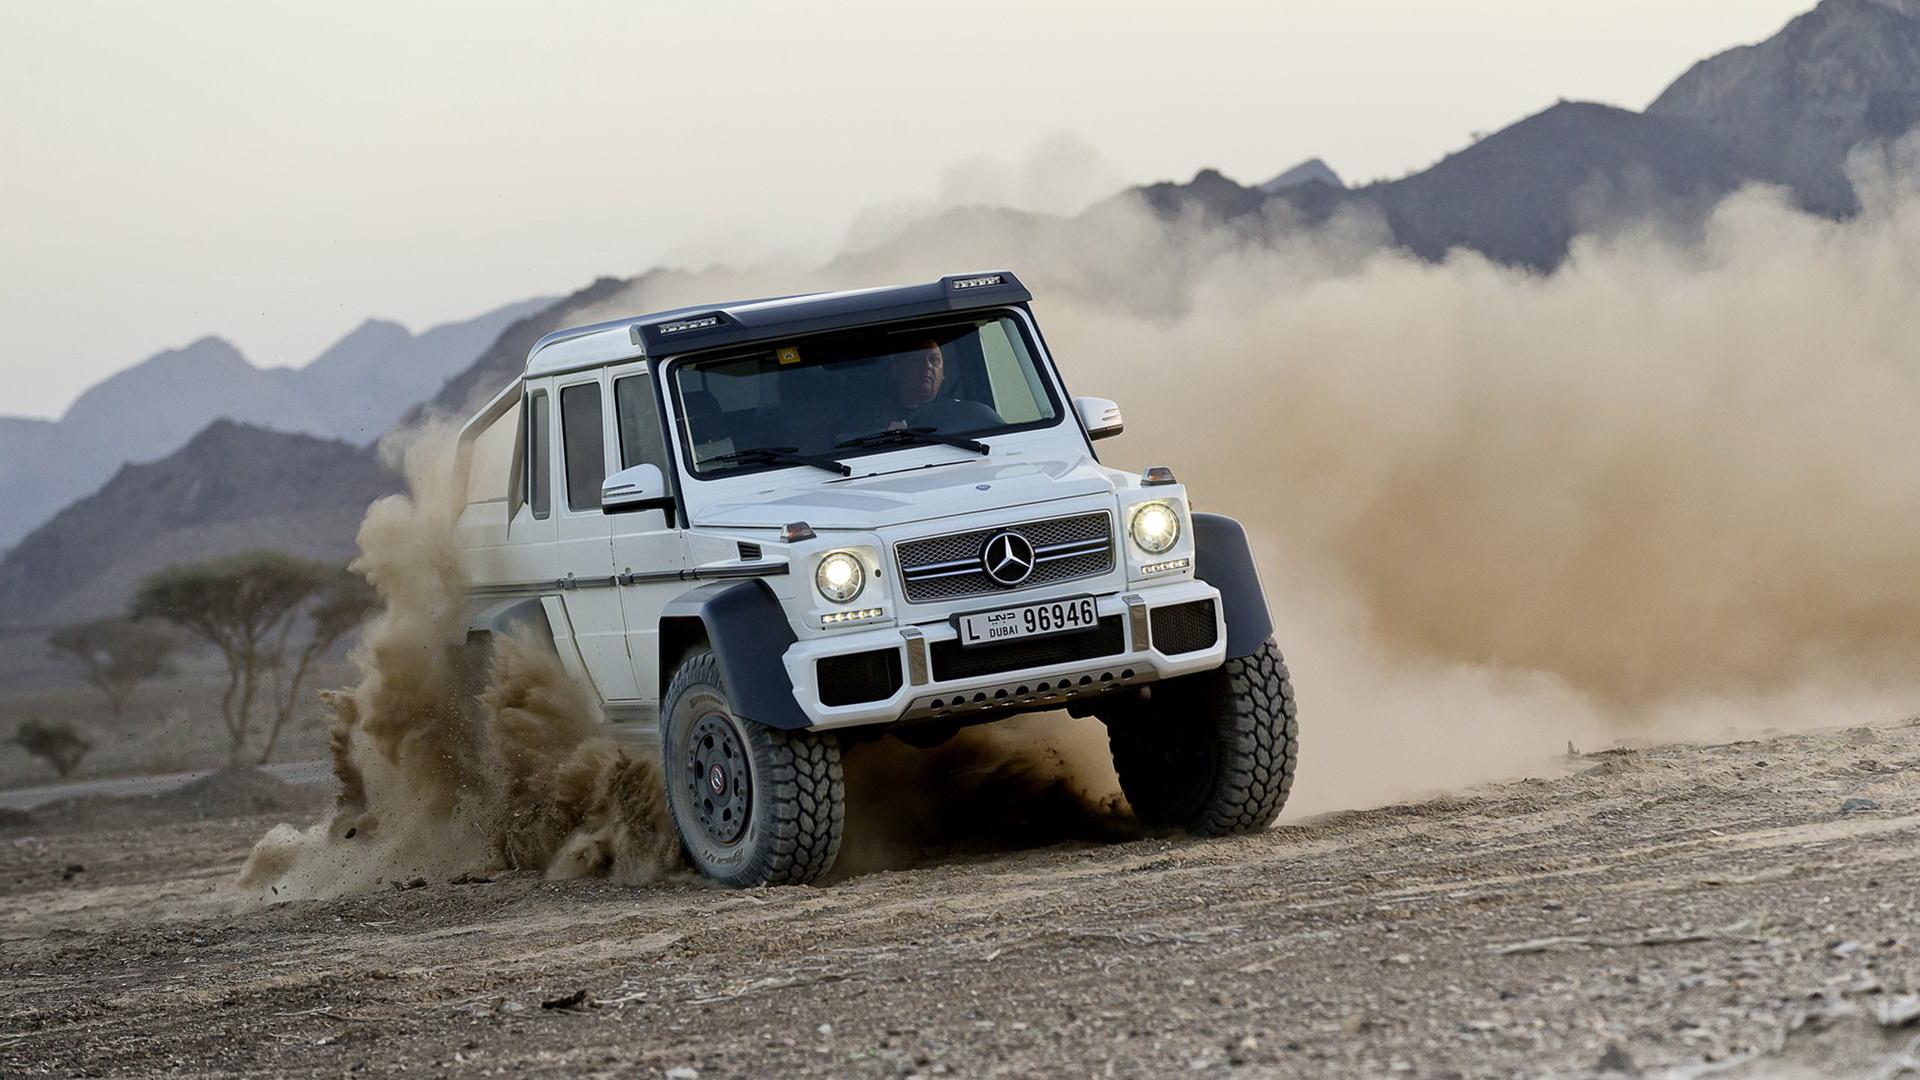 Mercedes Benz奔驰越野车 G63 AMG壁纸高清图片